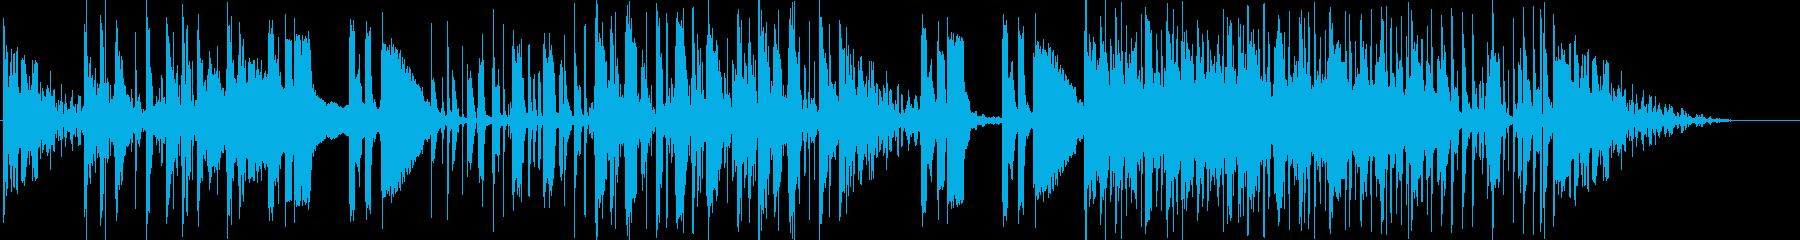 無機質で不思議なアンビエントの再生済みの波形